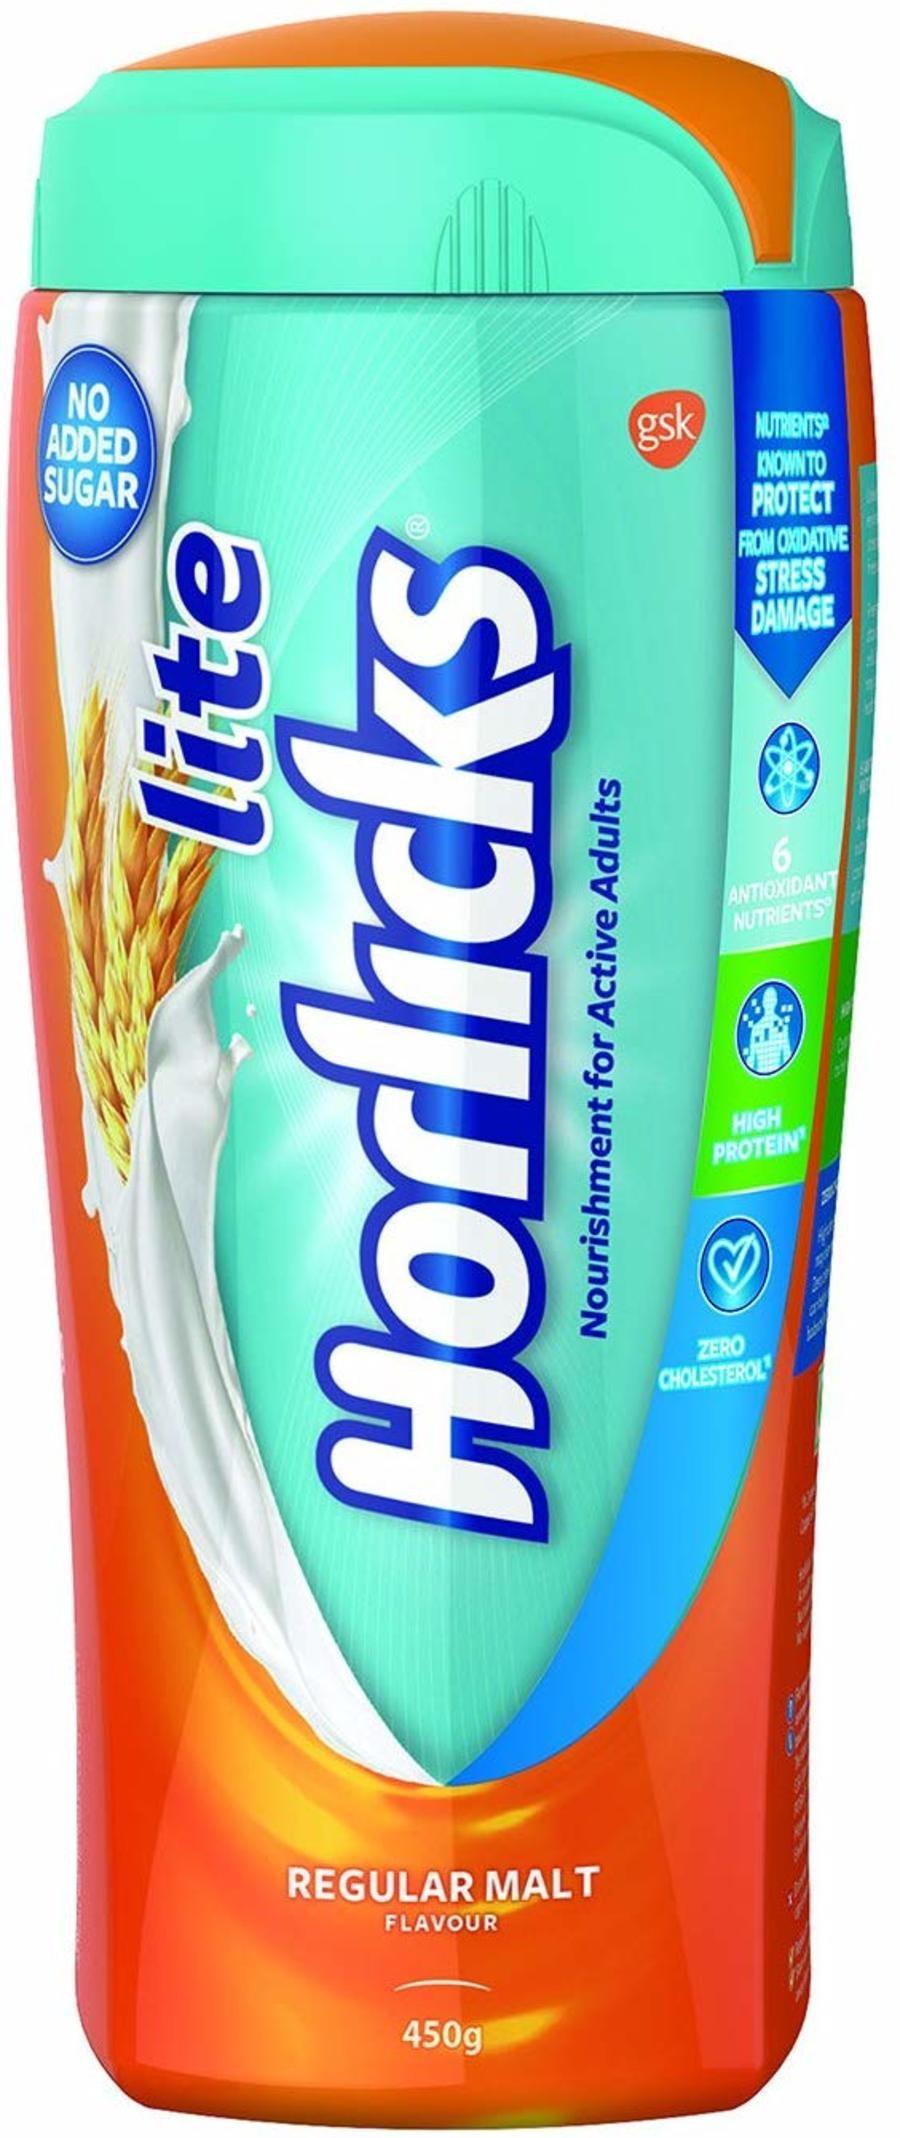 Horlicks Lite - Health & Nutrition Drink (regular Malt) - 450gm Pet Jar